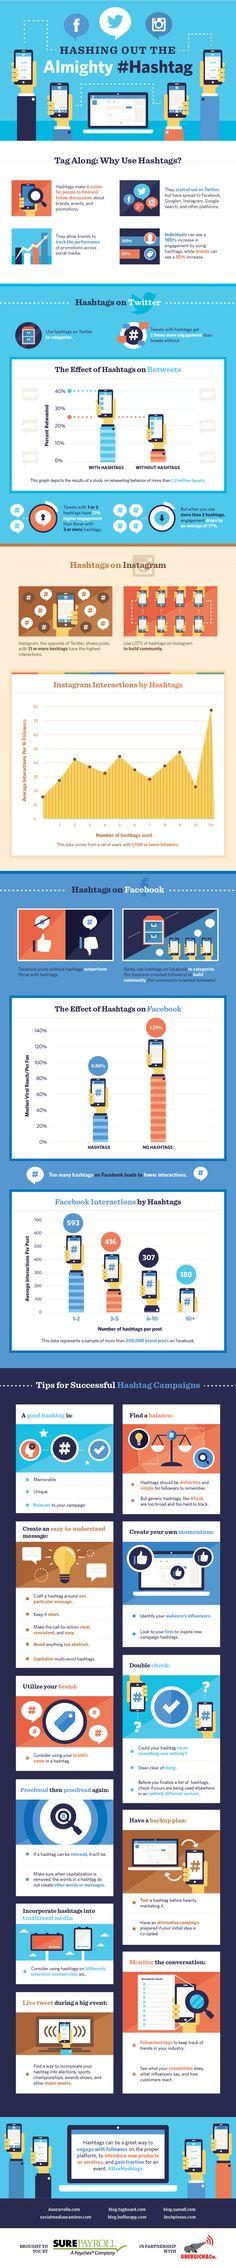 Il potere dell'hashtag: tutti i benefici di un simbolo [infografica]